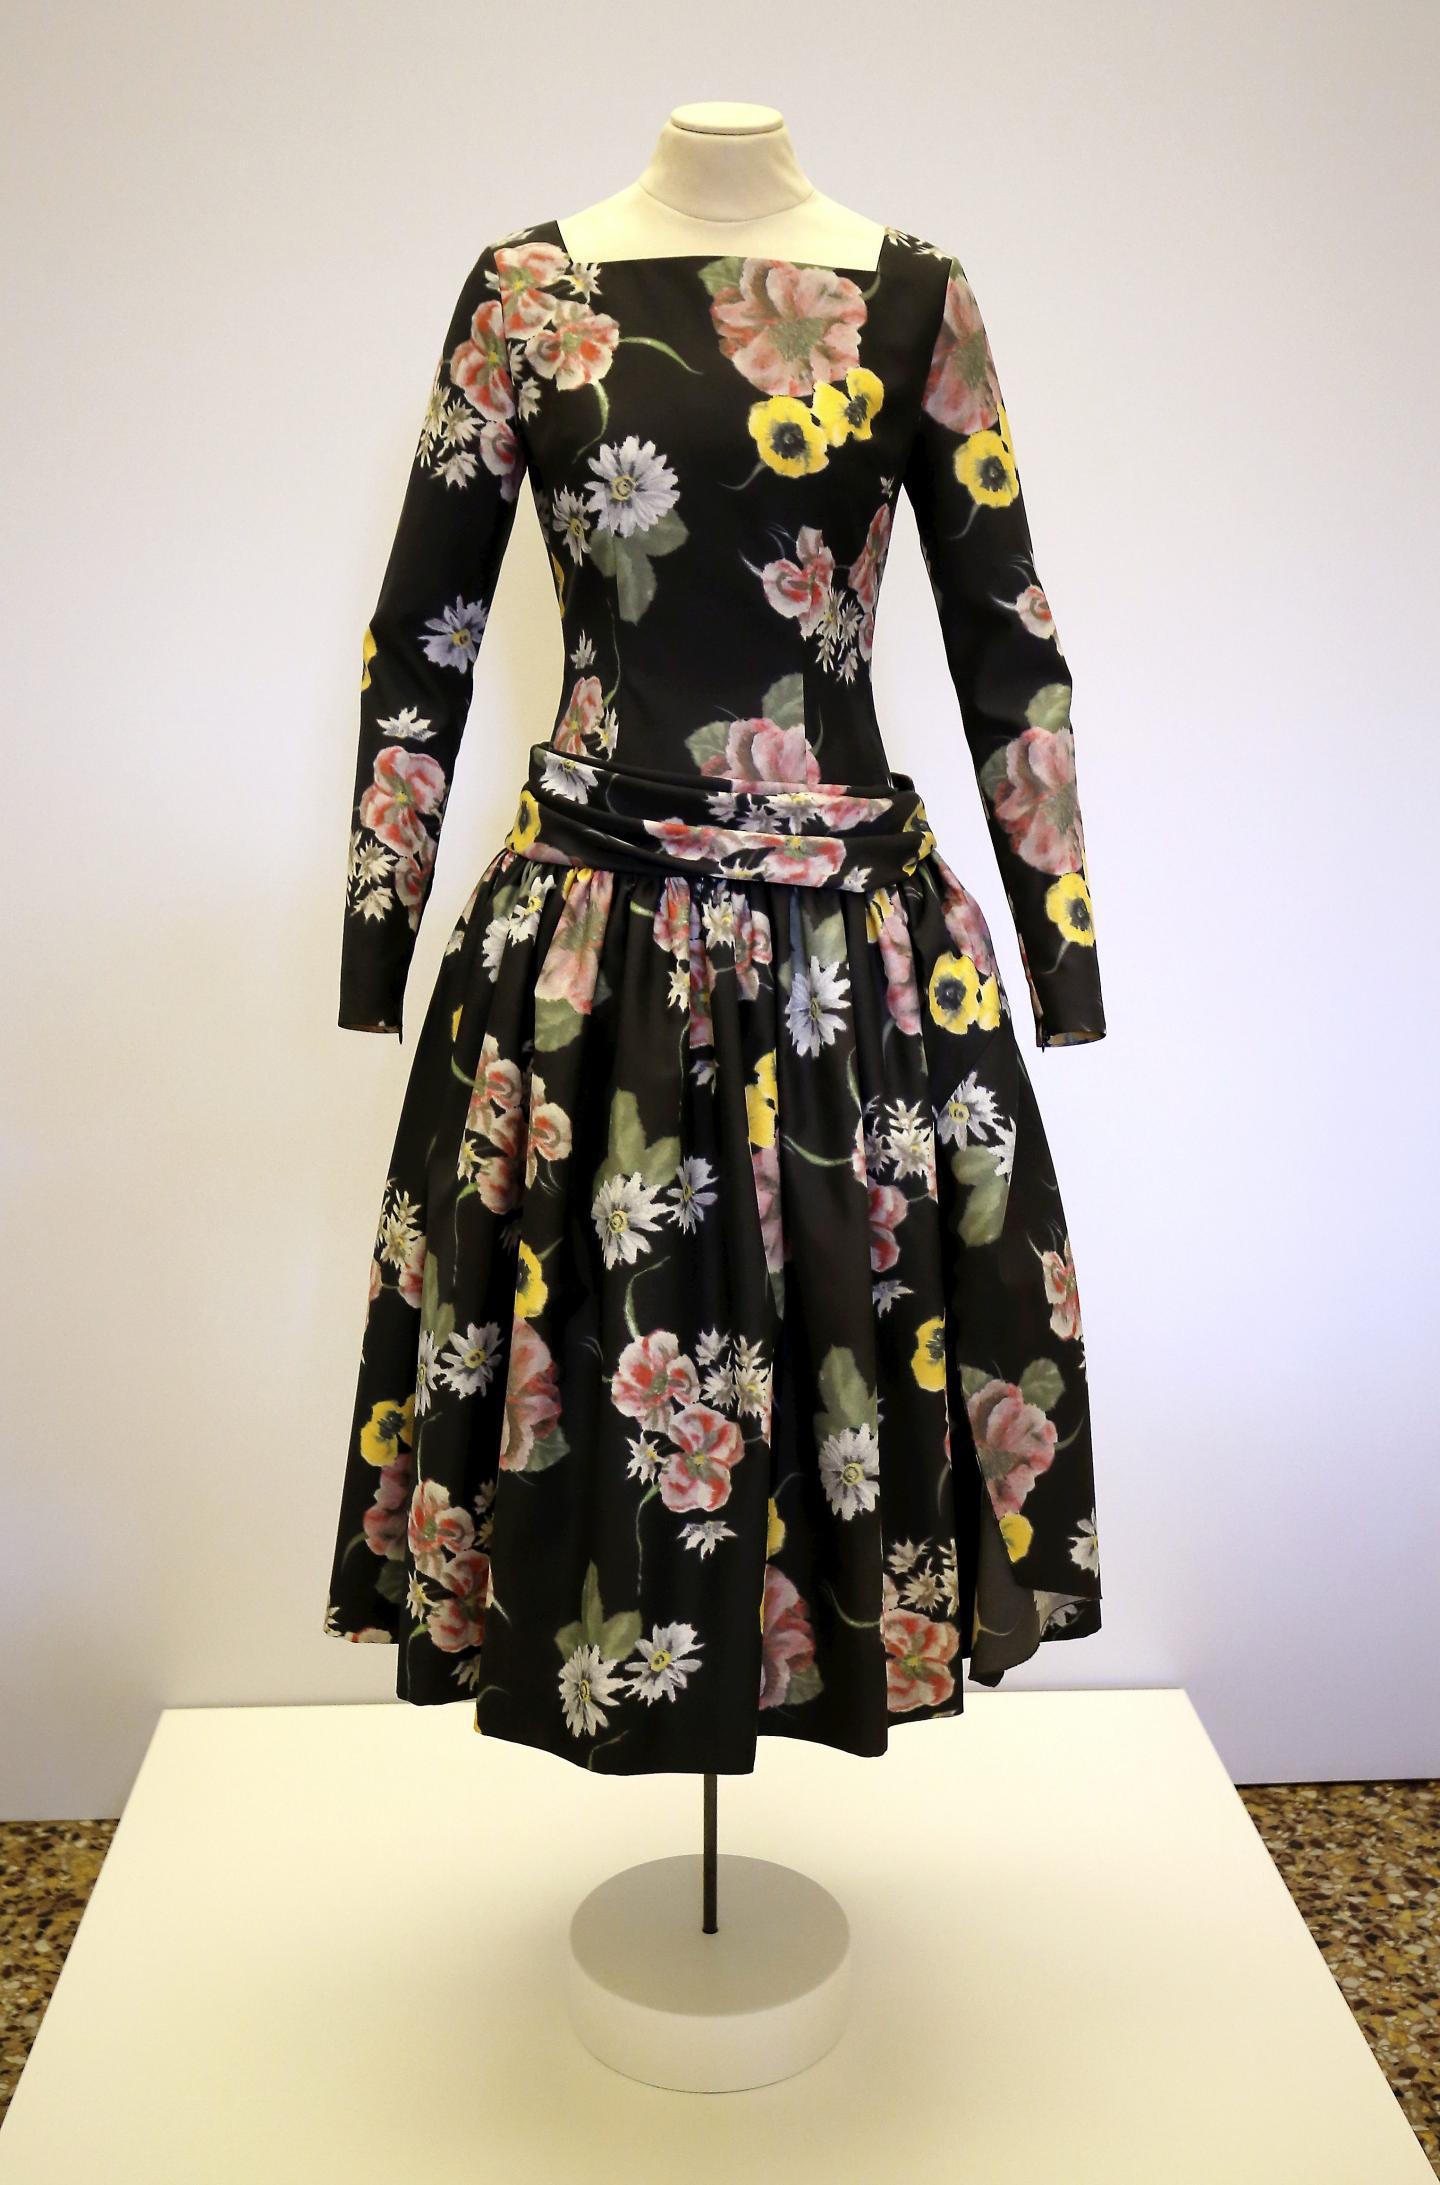 Parmi les pièces phares de l'exposition, la robe que portait Grace Kelly ce jour-là, devenue iconique.